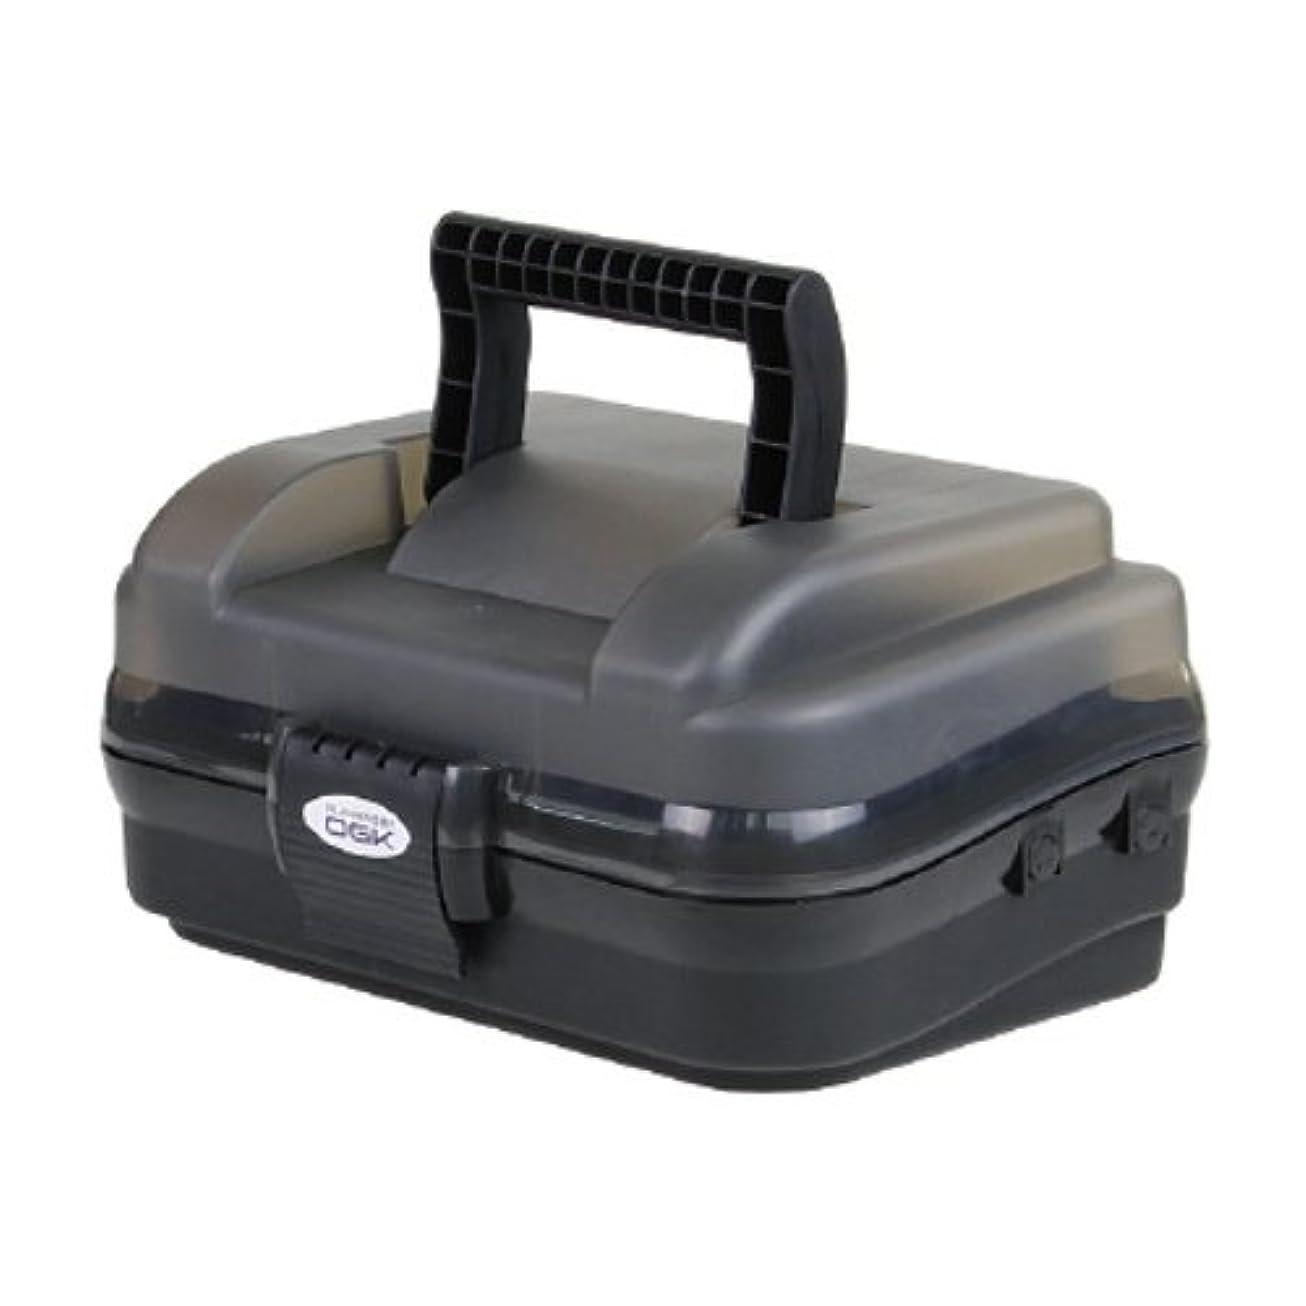 漁師辛いスケジュールOGK(オージーケー) 小型タックルボックス OG647SK 1段式 スモーク/ブラック